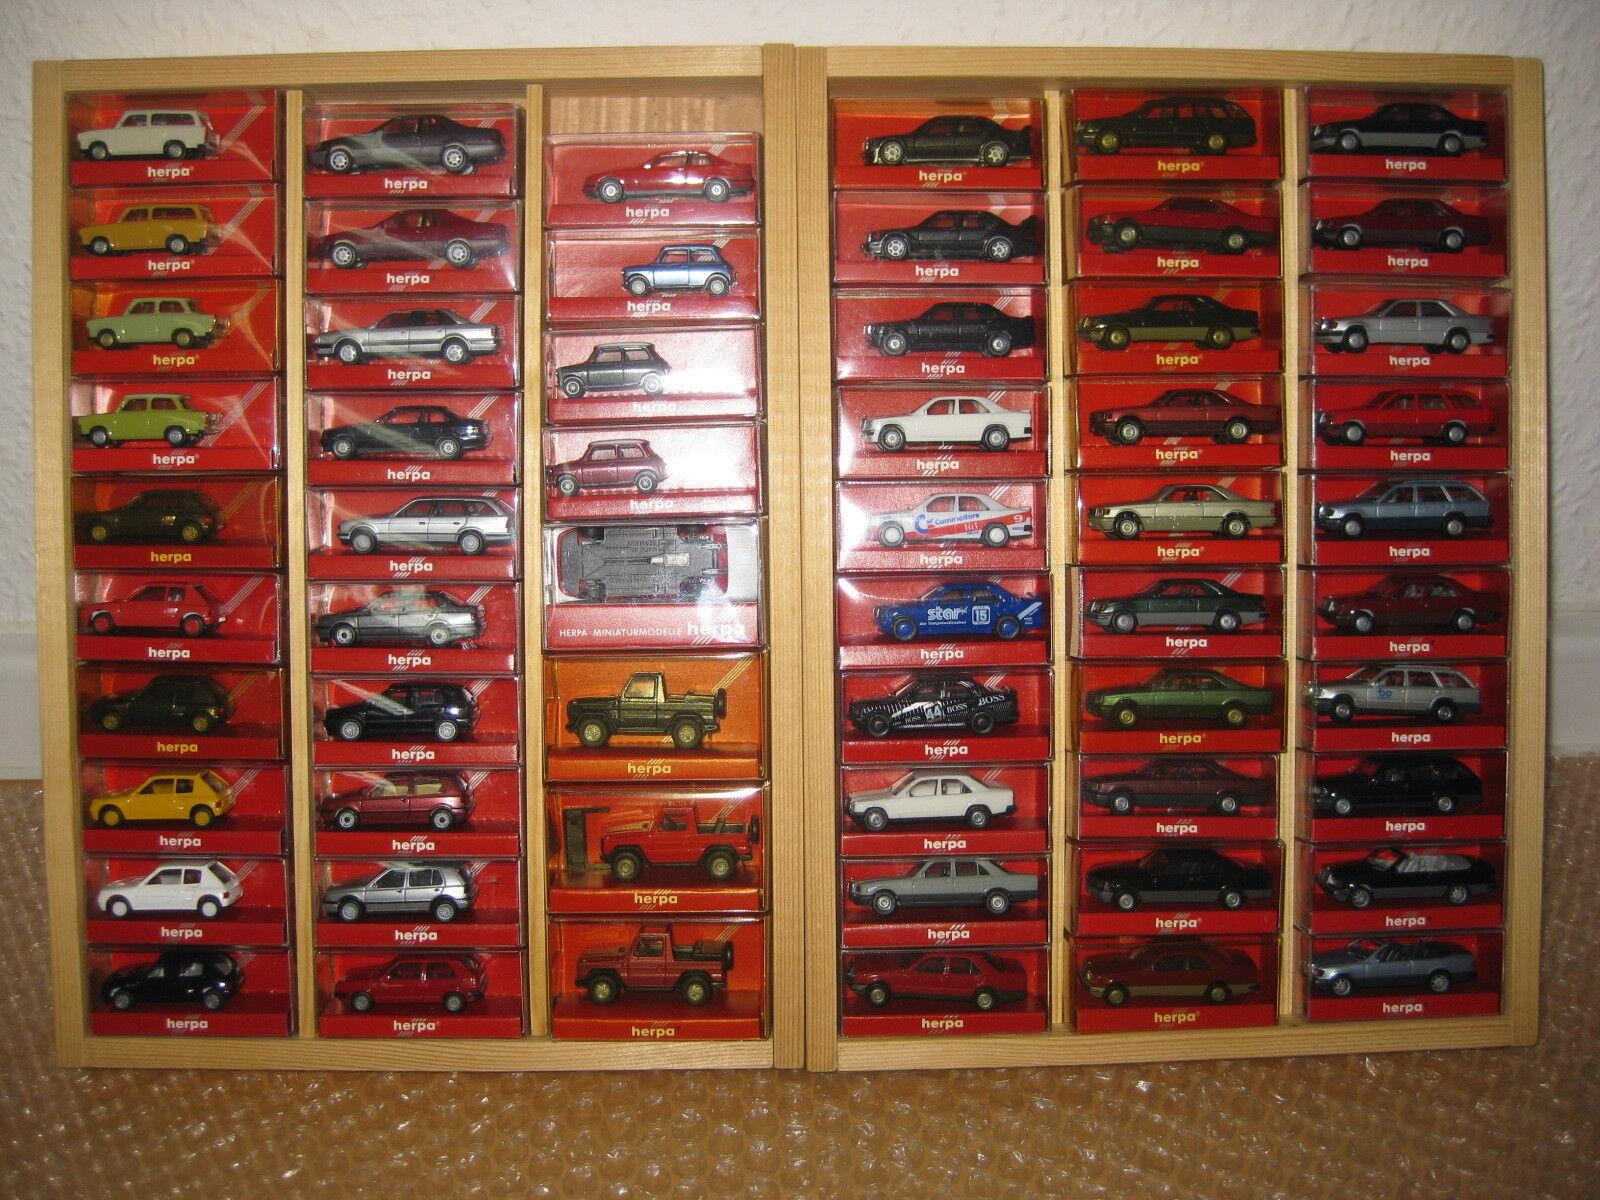 Carnaval de Noël, bonne offre à Noël 1:87 voitures-Collection 421 pièces Herpa, rietze,  ng, etc./r192 | Stocker